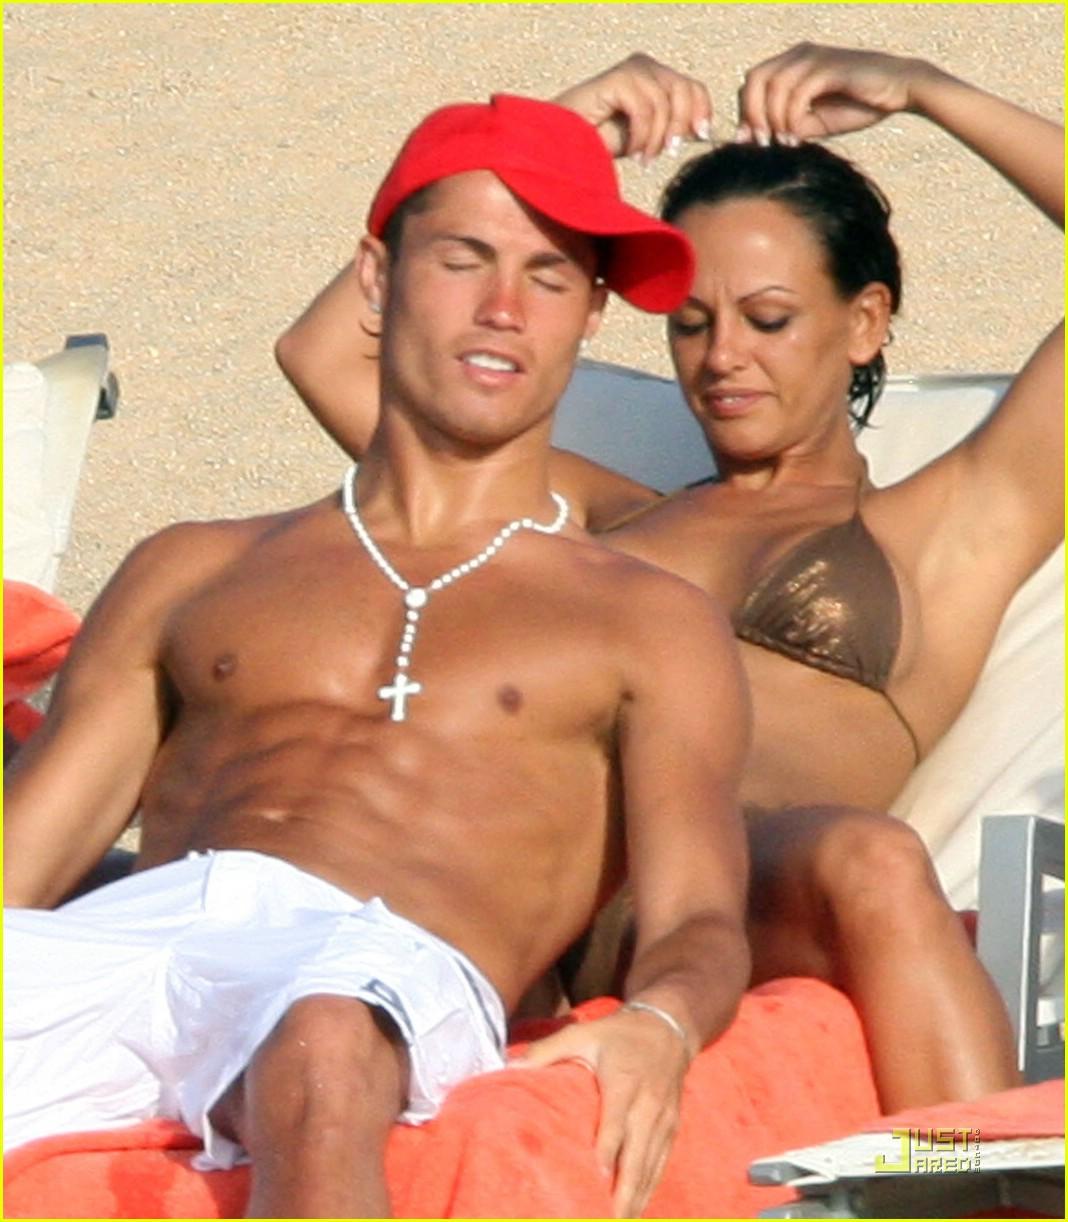 Cristiano Ronaldo's recent